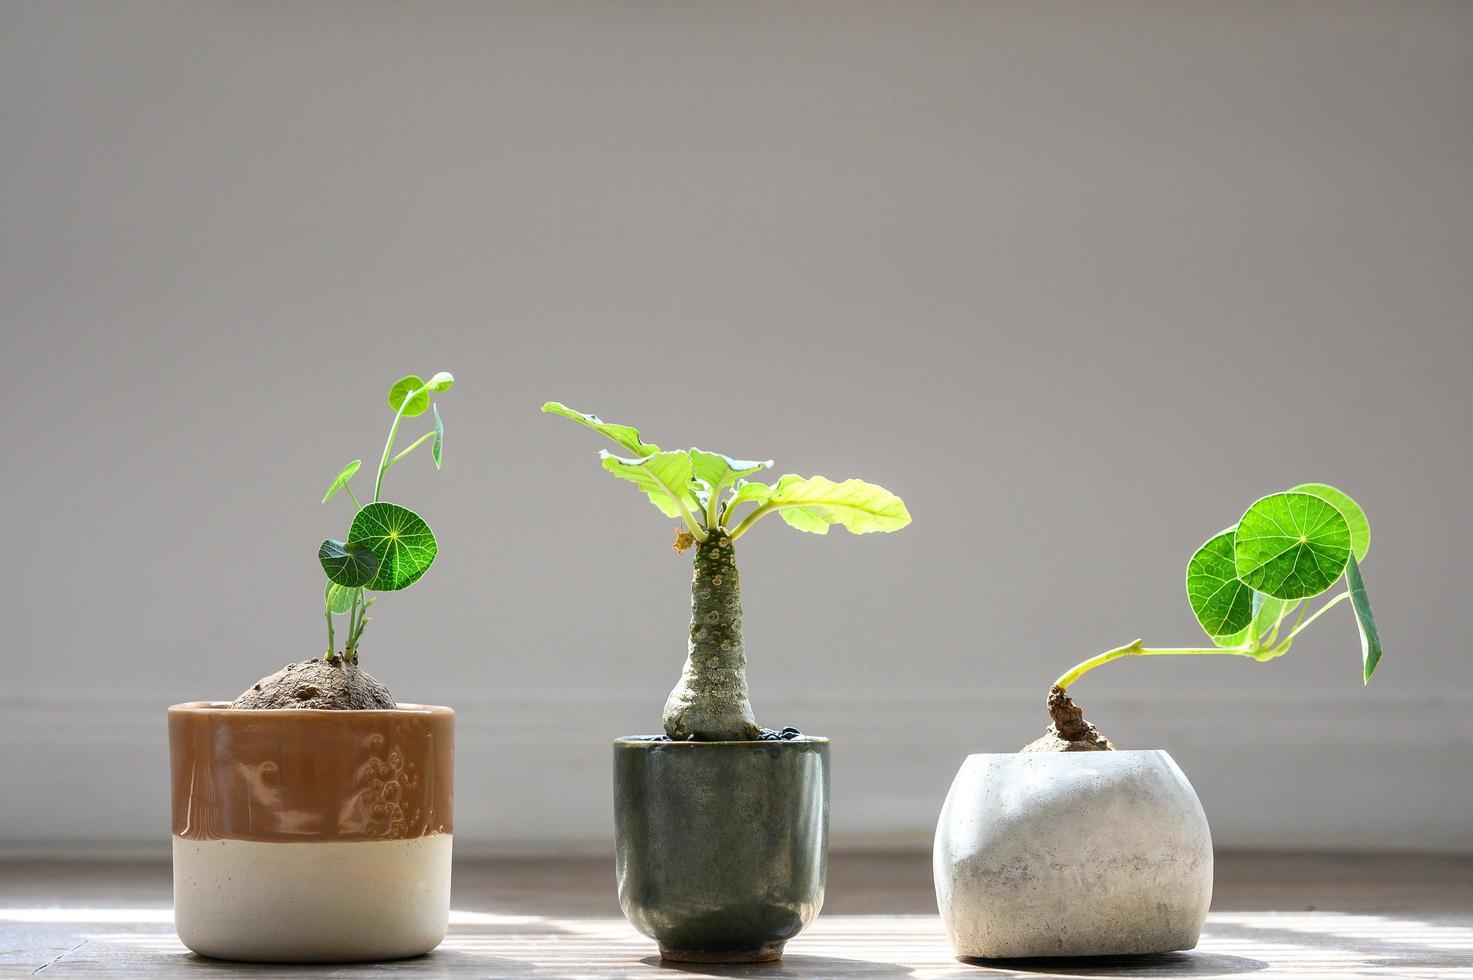 stephania erecta och dorstenia växter under solljuset foto